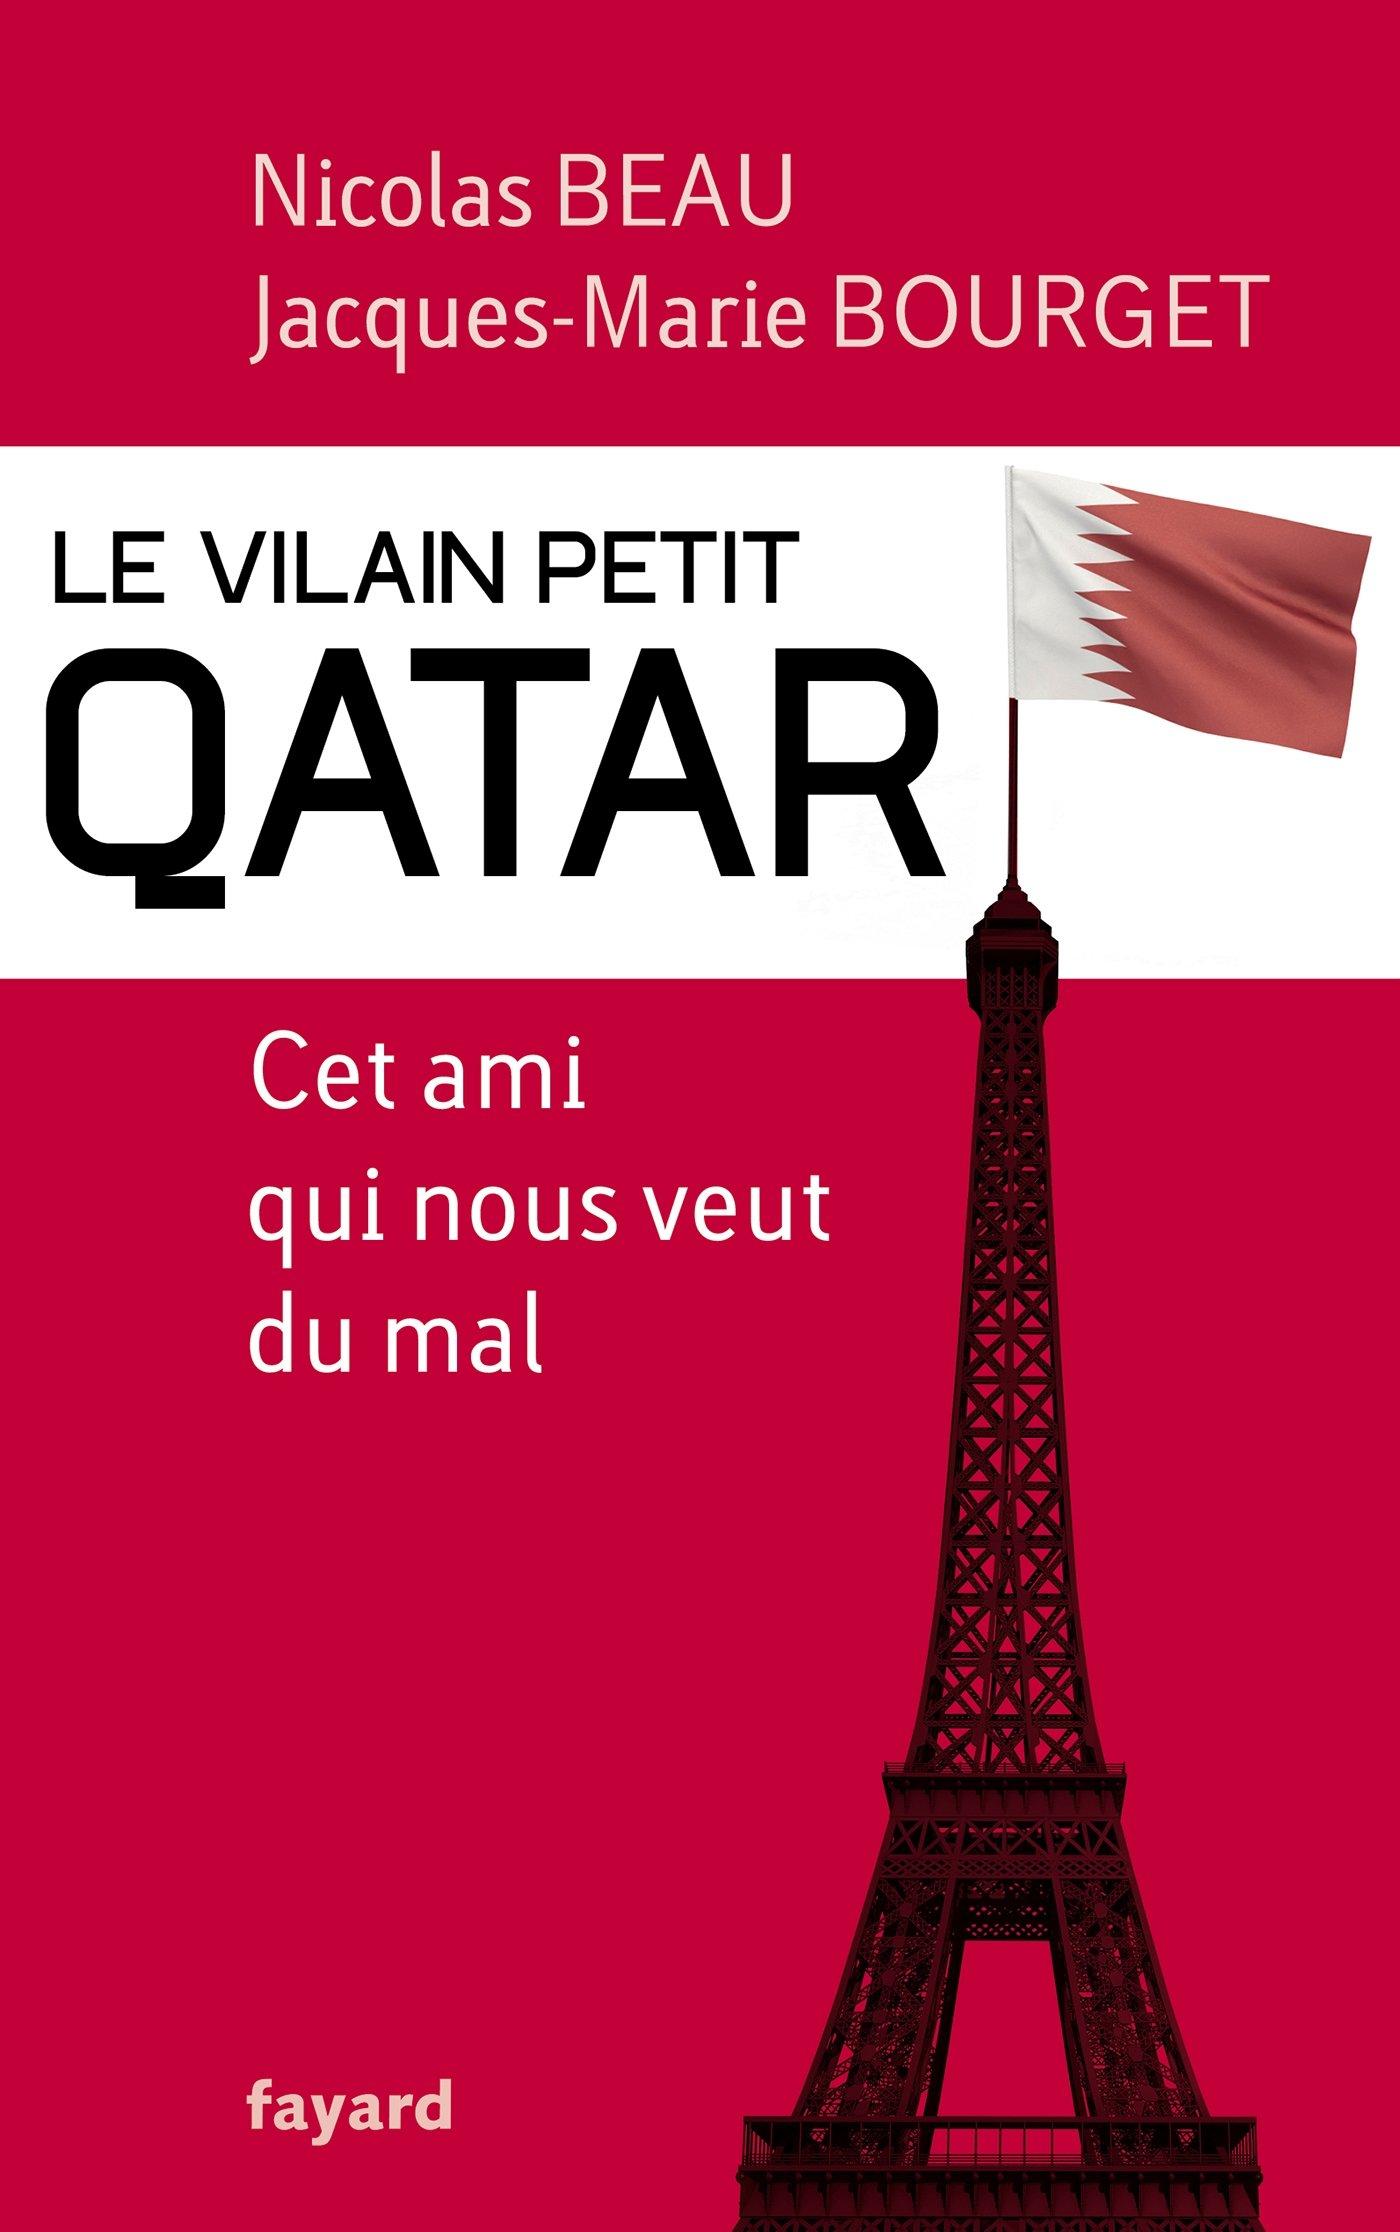 Le Vilain Petit Qatar: Cet ami qui nous veut du mal Broché – 2 mai 2013 Nicolas Beau Jacques-Marie Bourget Fayard 2213671281